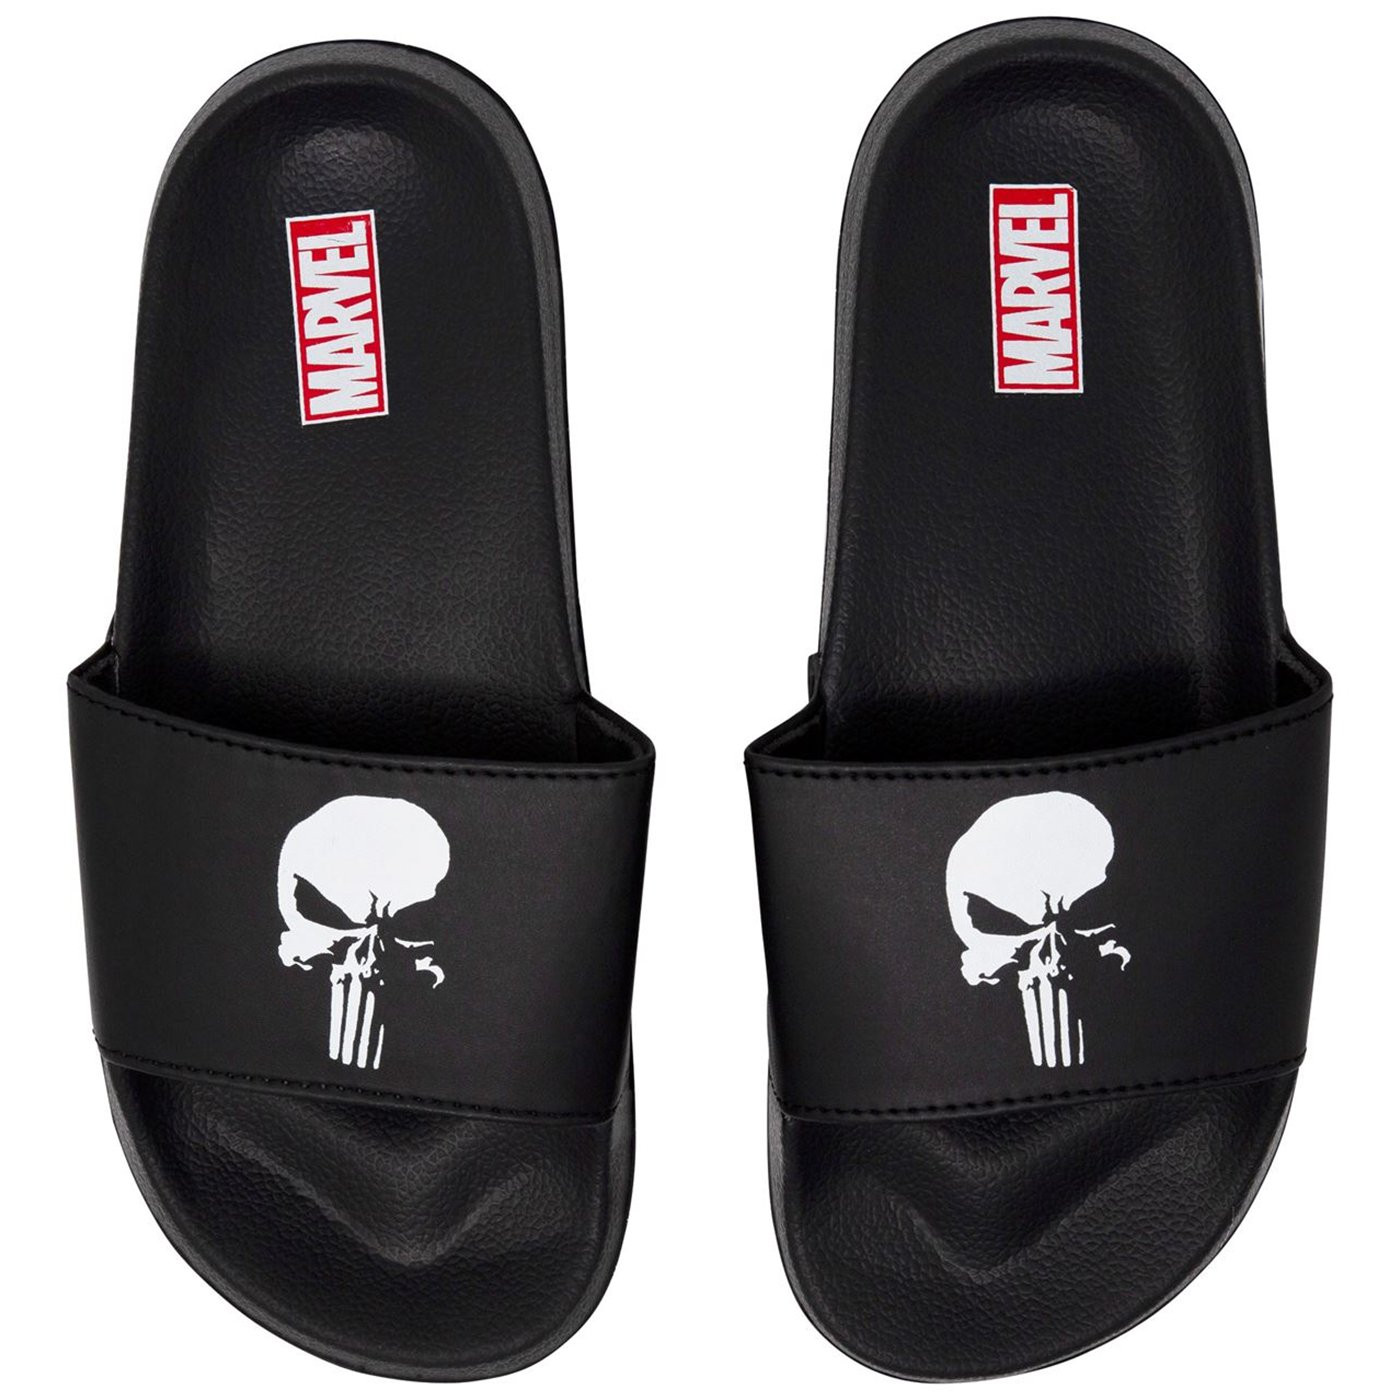 Punisher Skull Slippers